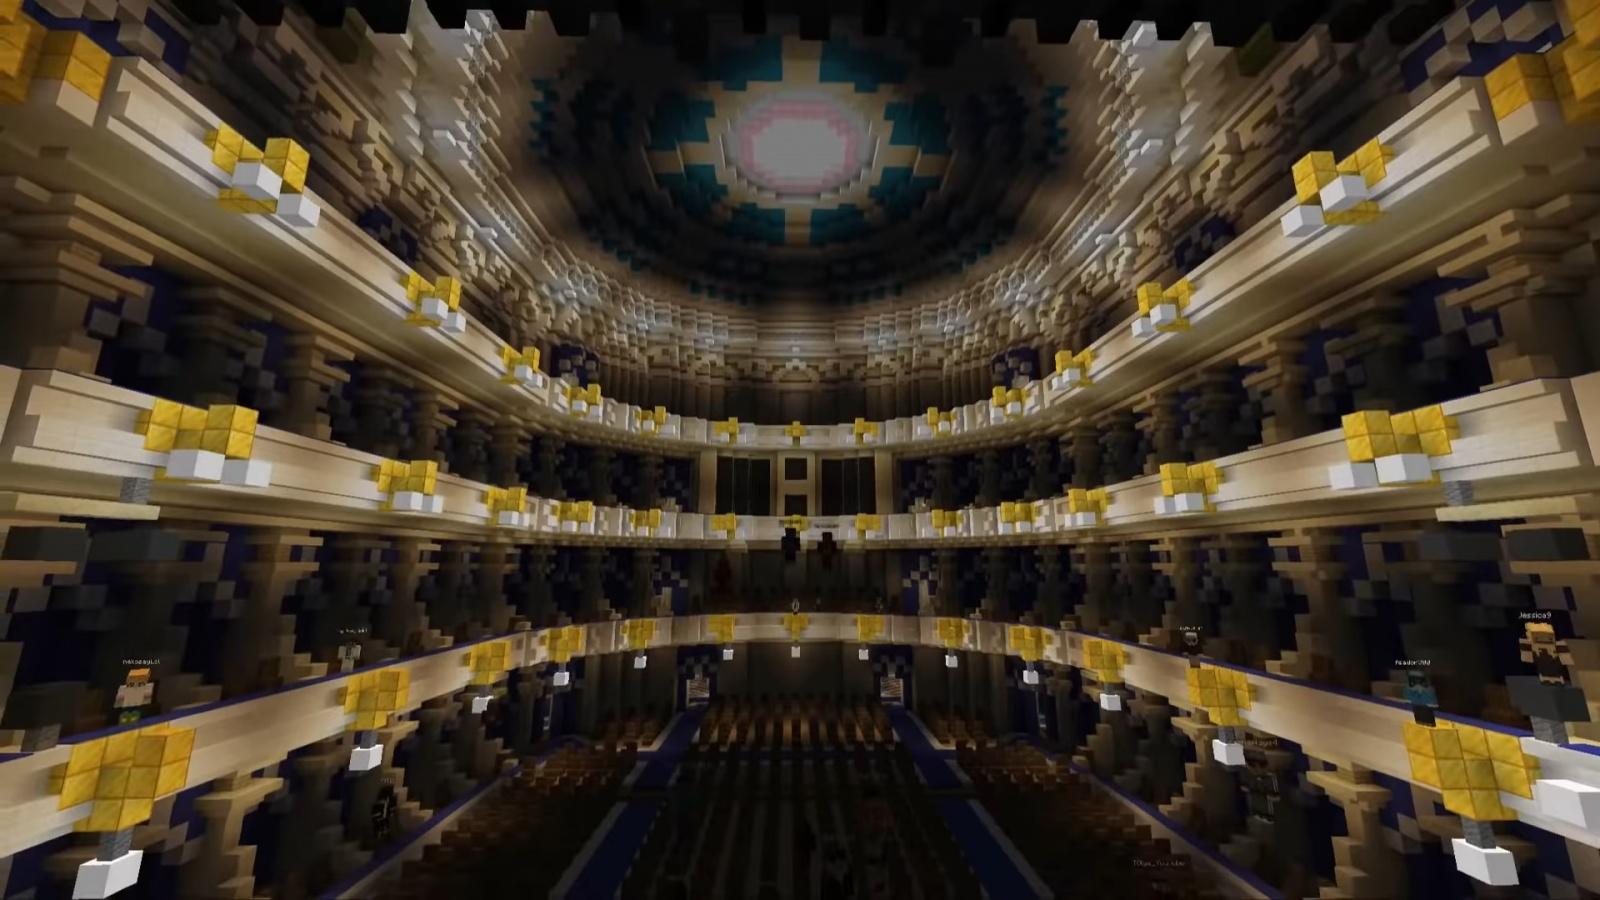 Реальный спектакль в виртуальной среде: Большой драматический театр открыл филиал в Minecraft - 3